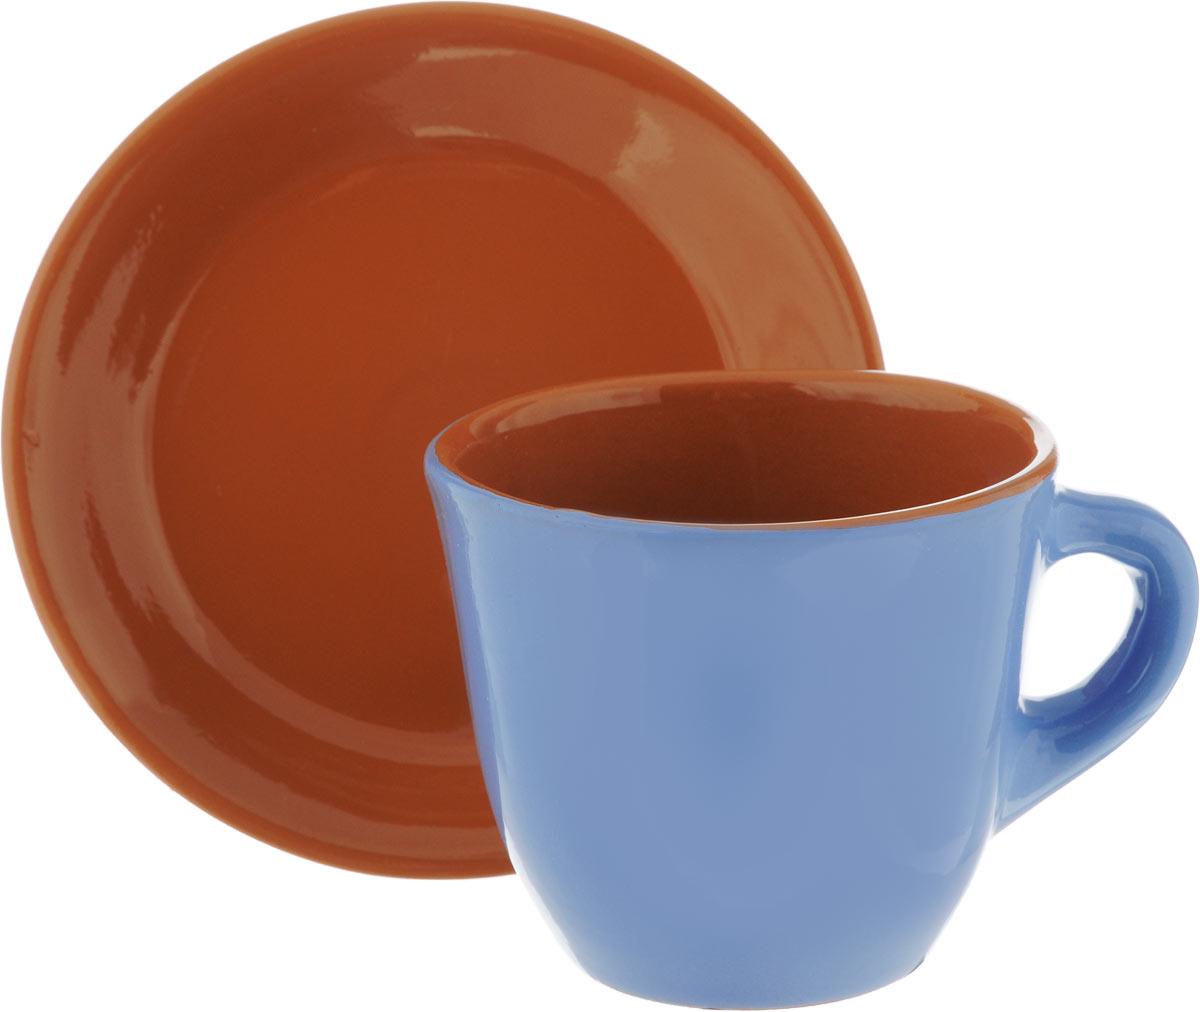 Чайная пара Борисовская керамика Cтандарт, цвет: голубой, коричневый, 2 предмета115610Чайная пара Борисовская керамика Cтандарт состоит из чашки и блюдца, изготовленных из высококачественной керамики. Такой набор украсит ваш кухонный стол, а также станет замечательным подарком к любому празднику.Можно использовать в микроволновой печи и духовке.Диаметр чашки (по верхнему краю): 10 см.Высота чашки: 8,5 см.Диаметр блюдца (по верхнему краю): 15 см.Высота блюдца: 2,5 см.Объем чашки: 300 мл